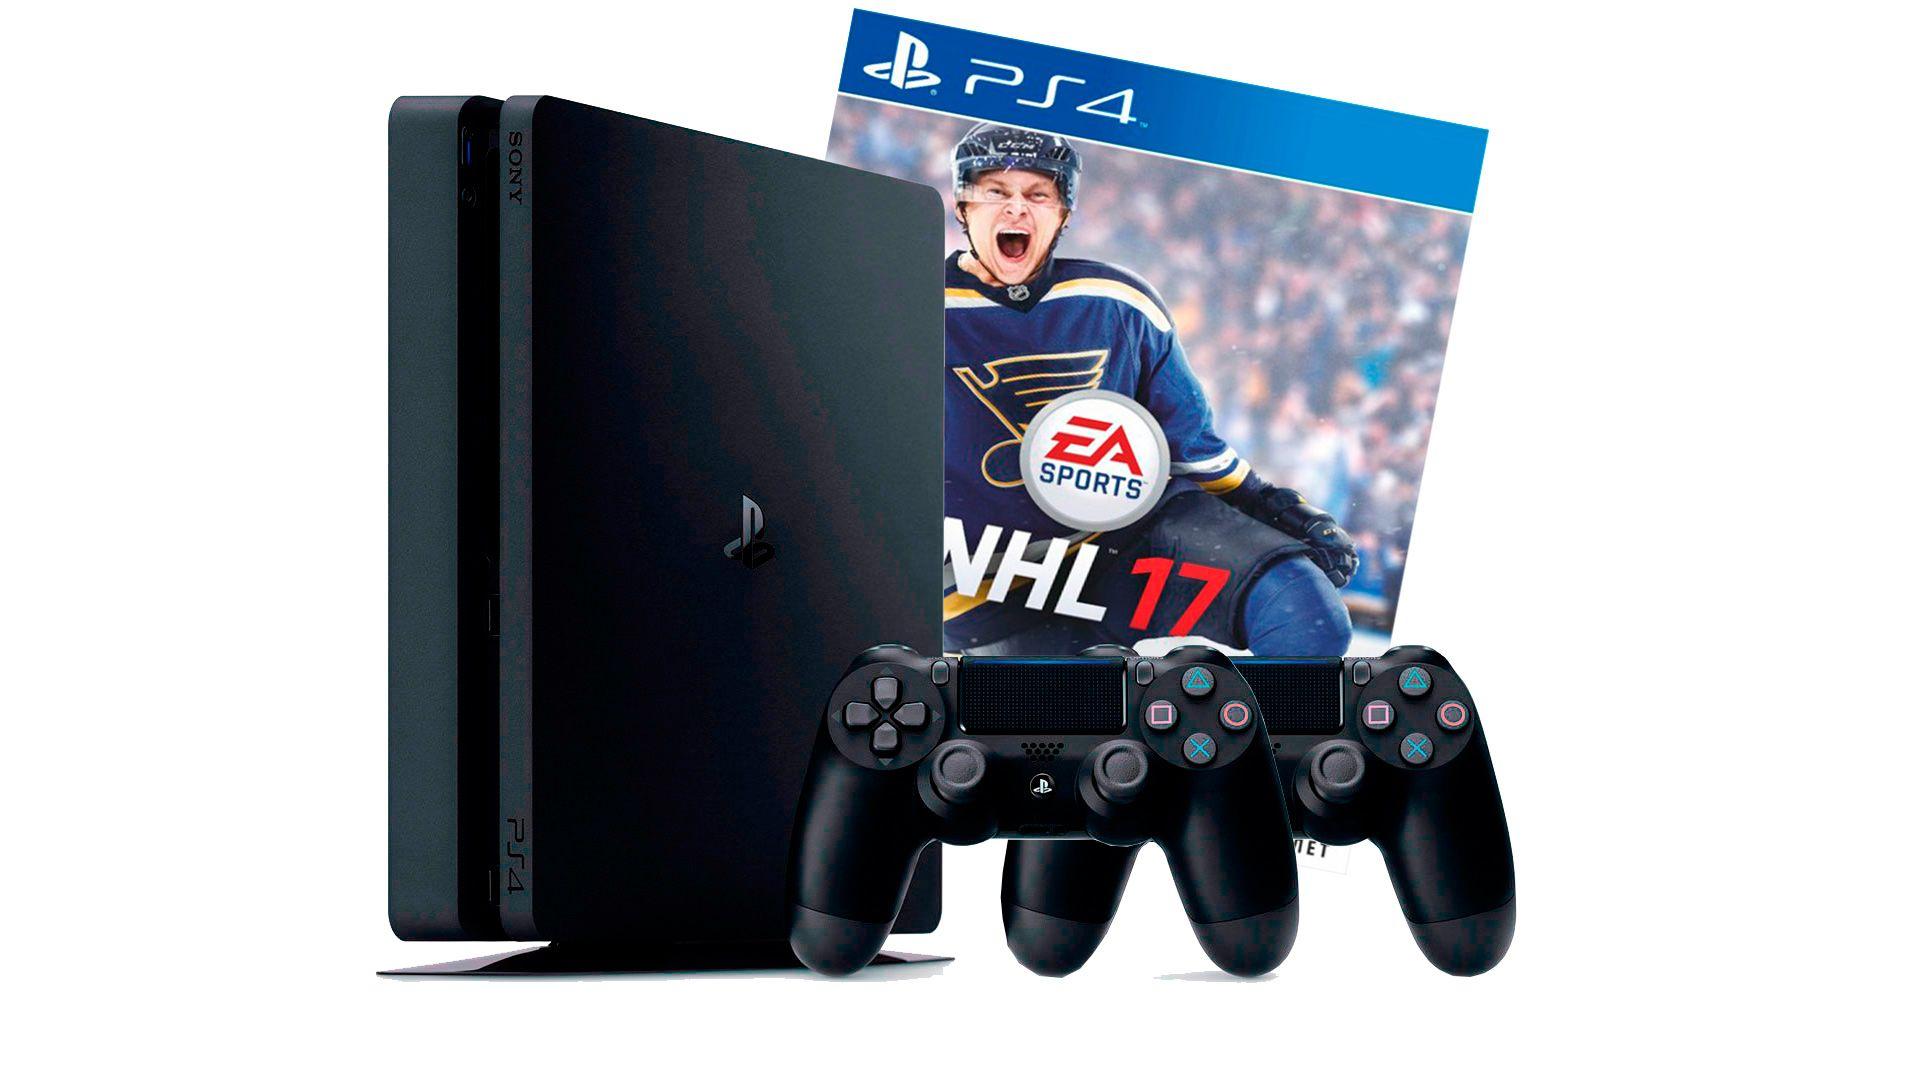 PlayStation 4 Slim 1Tb 2 джойстика, приставка и игра NHL 17 [PS4S1J2N17]